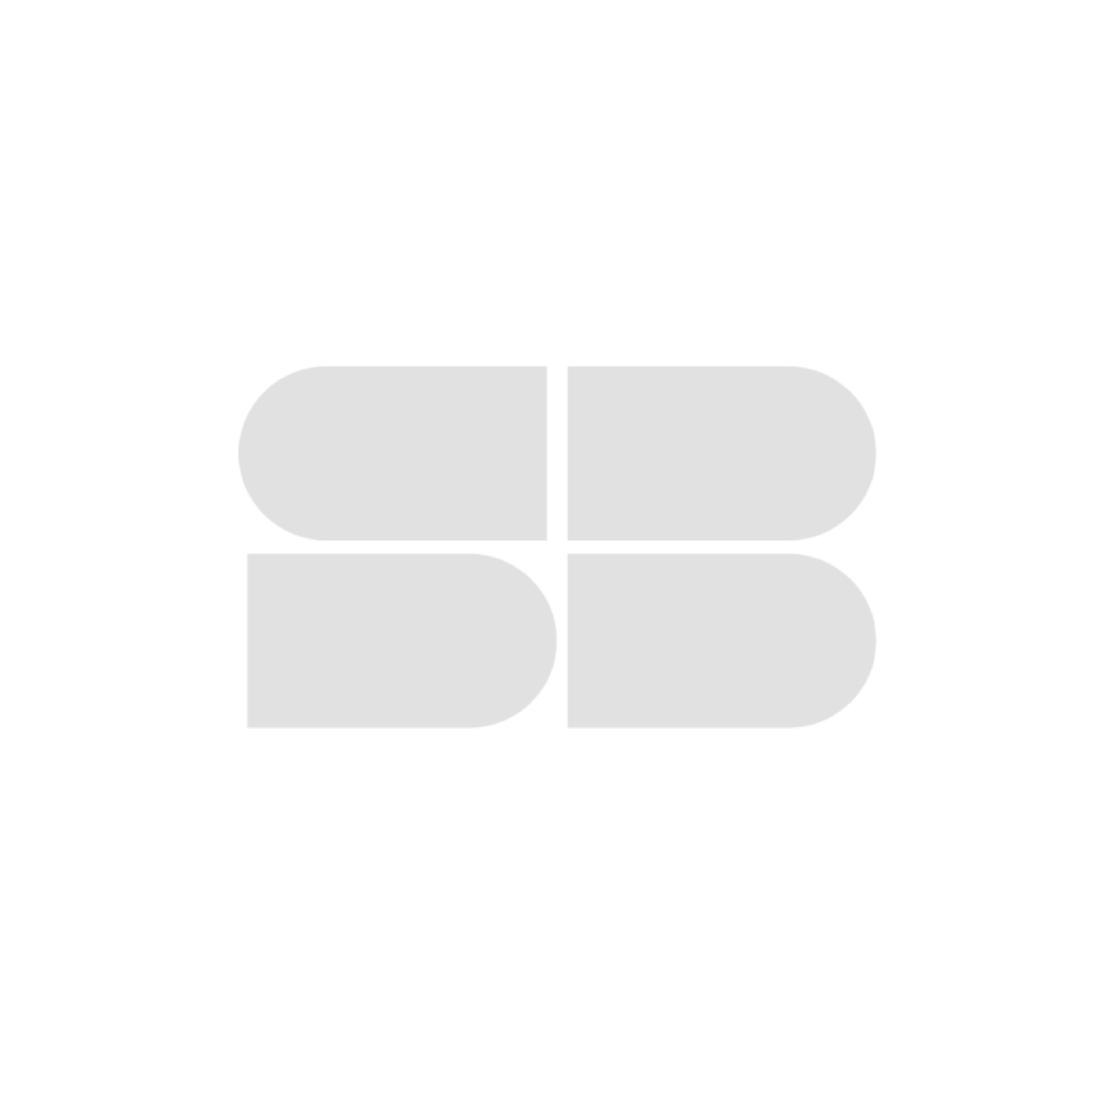 โต๊ะข้าง โต๊ะข้างขาเหล็กท๊อปเซรามิค สีสีขาว-SB Design Square